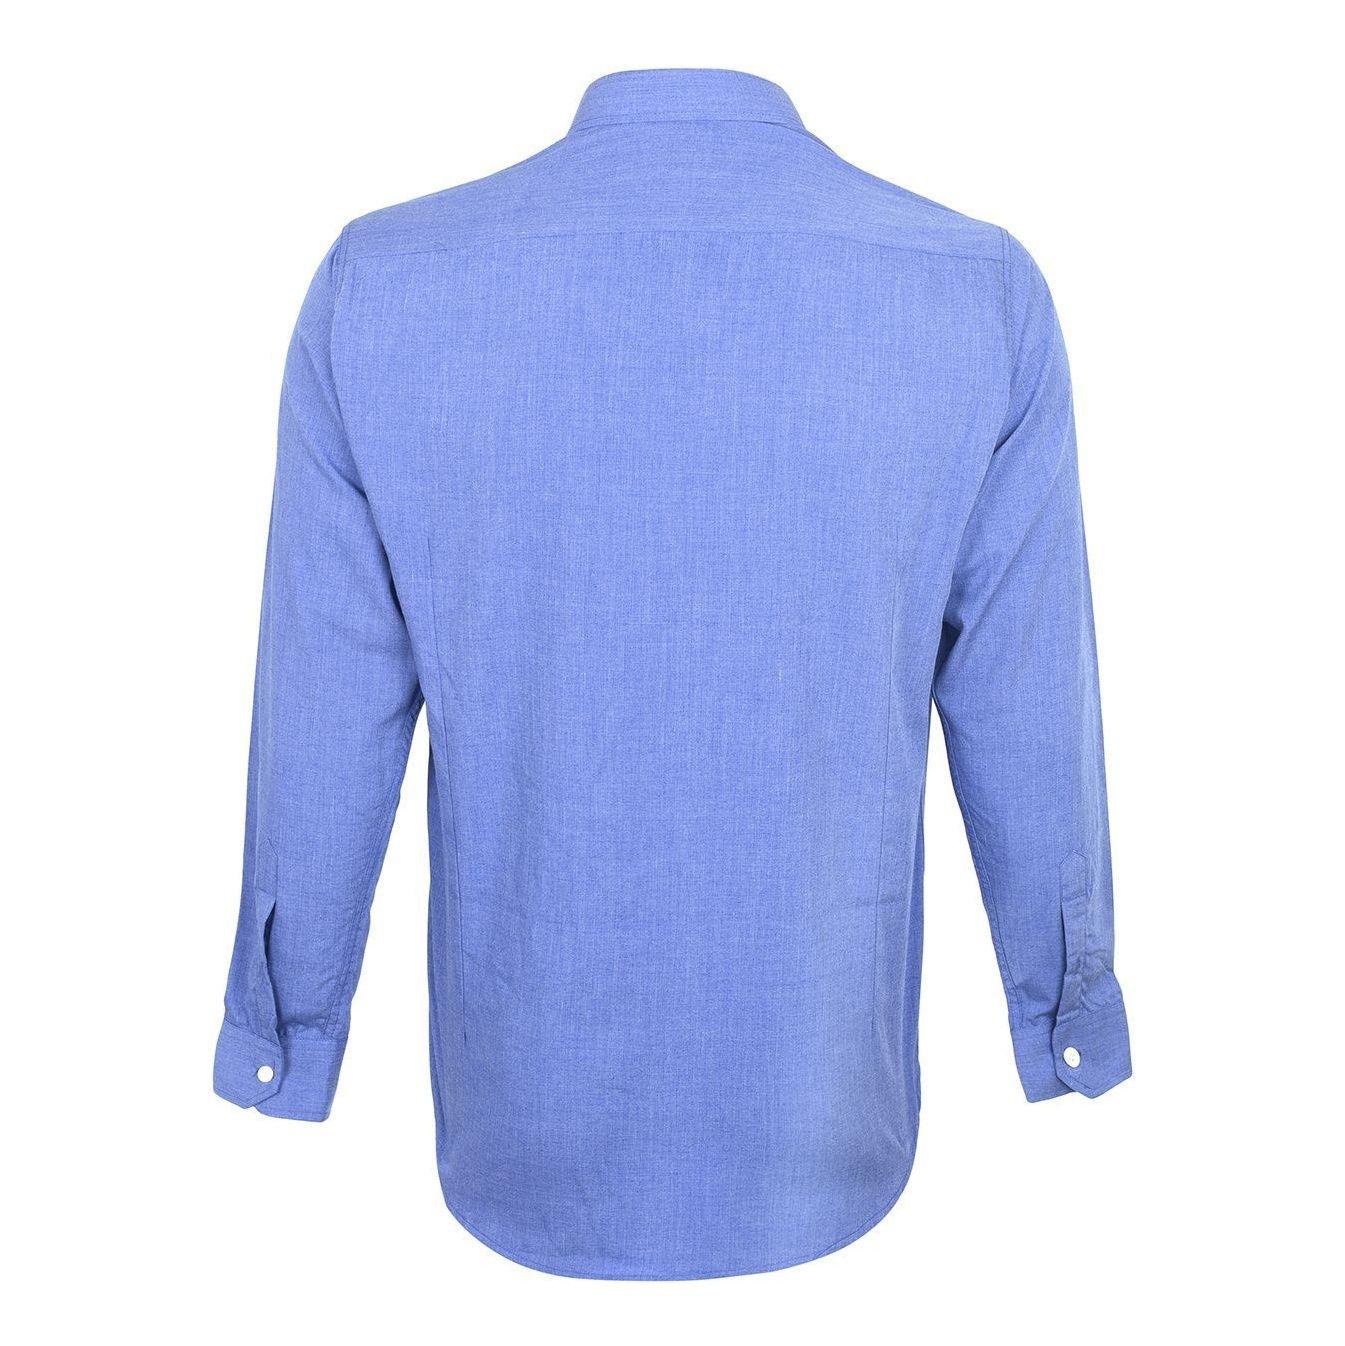 پیراهن مردانه ناوالس مدل regularfit2019_bu main 1 3